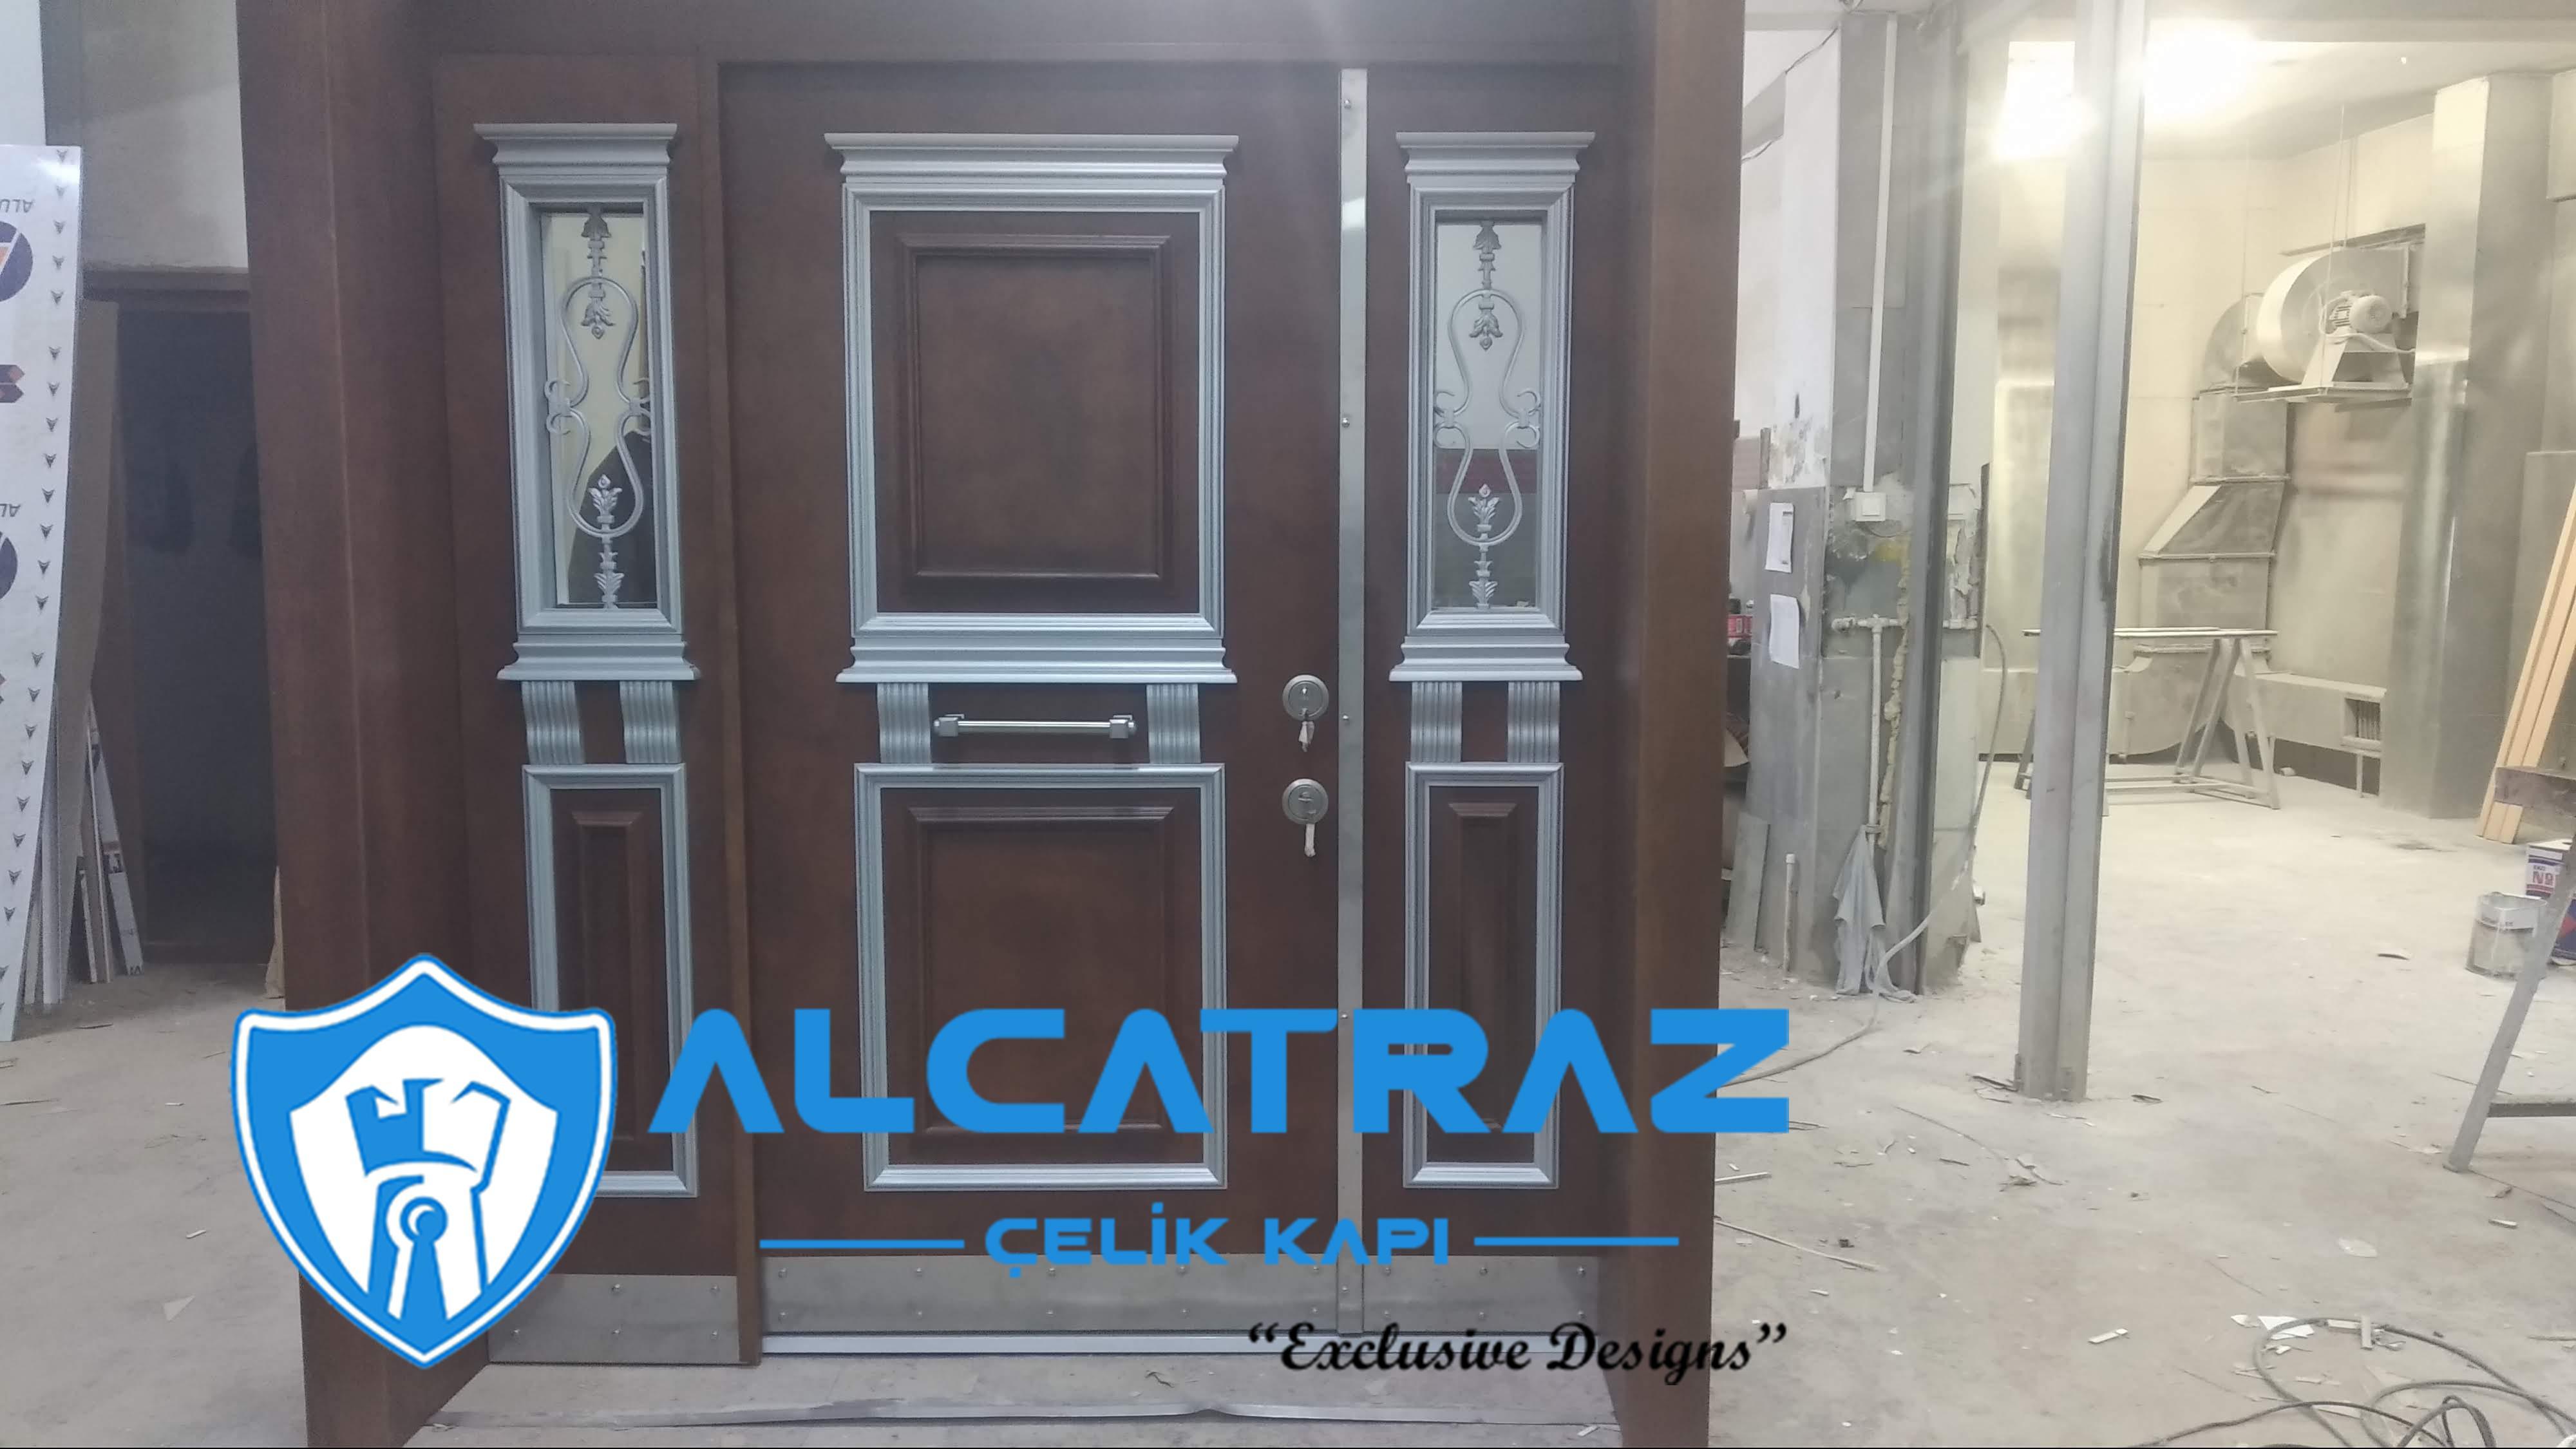 Lüks Çelik Gri Kapı Villa Kapısı Klasik Özel Tasarım Kompozit Çelik Kapı Modelleri Alcatraz Çelik Kapı